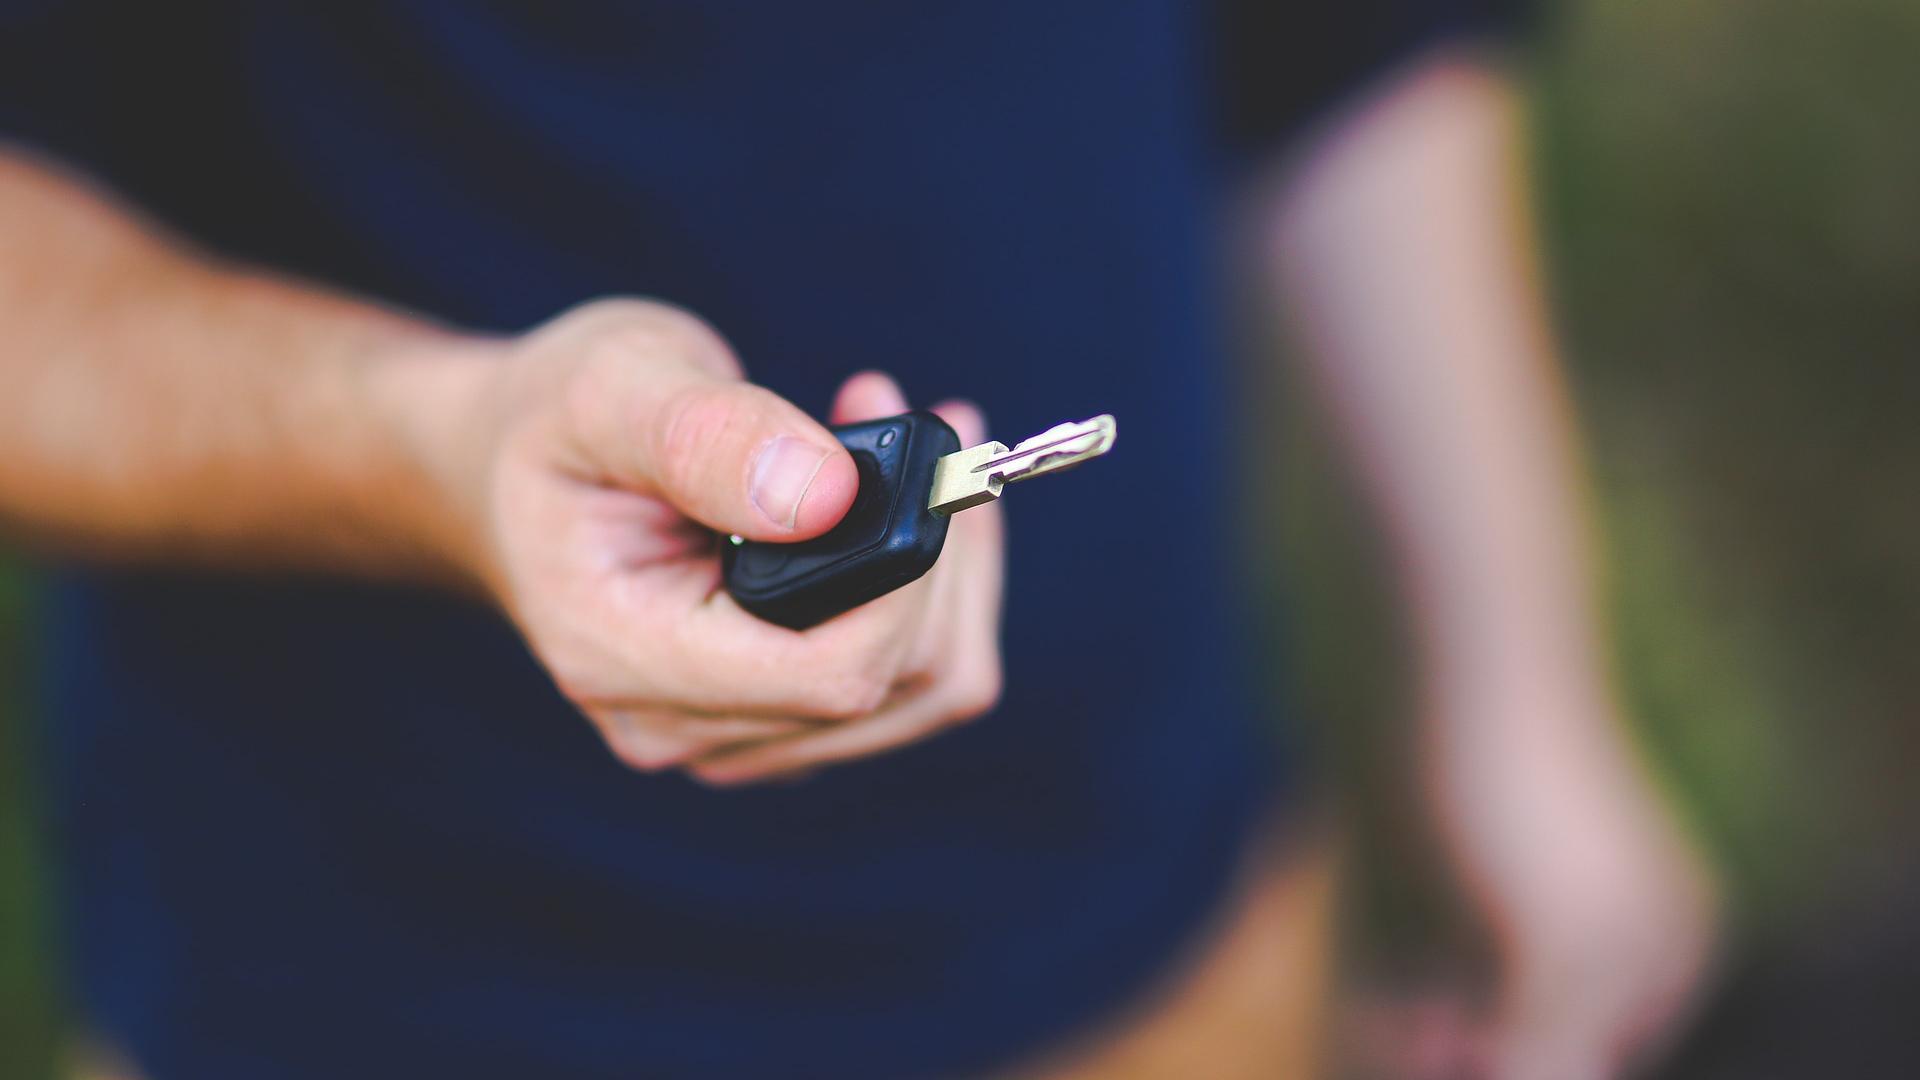 Auto öffnen ohne Schlüssel: Die 3 besten Tipps und Tricks